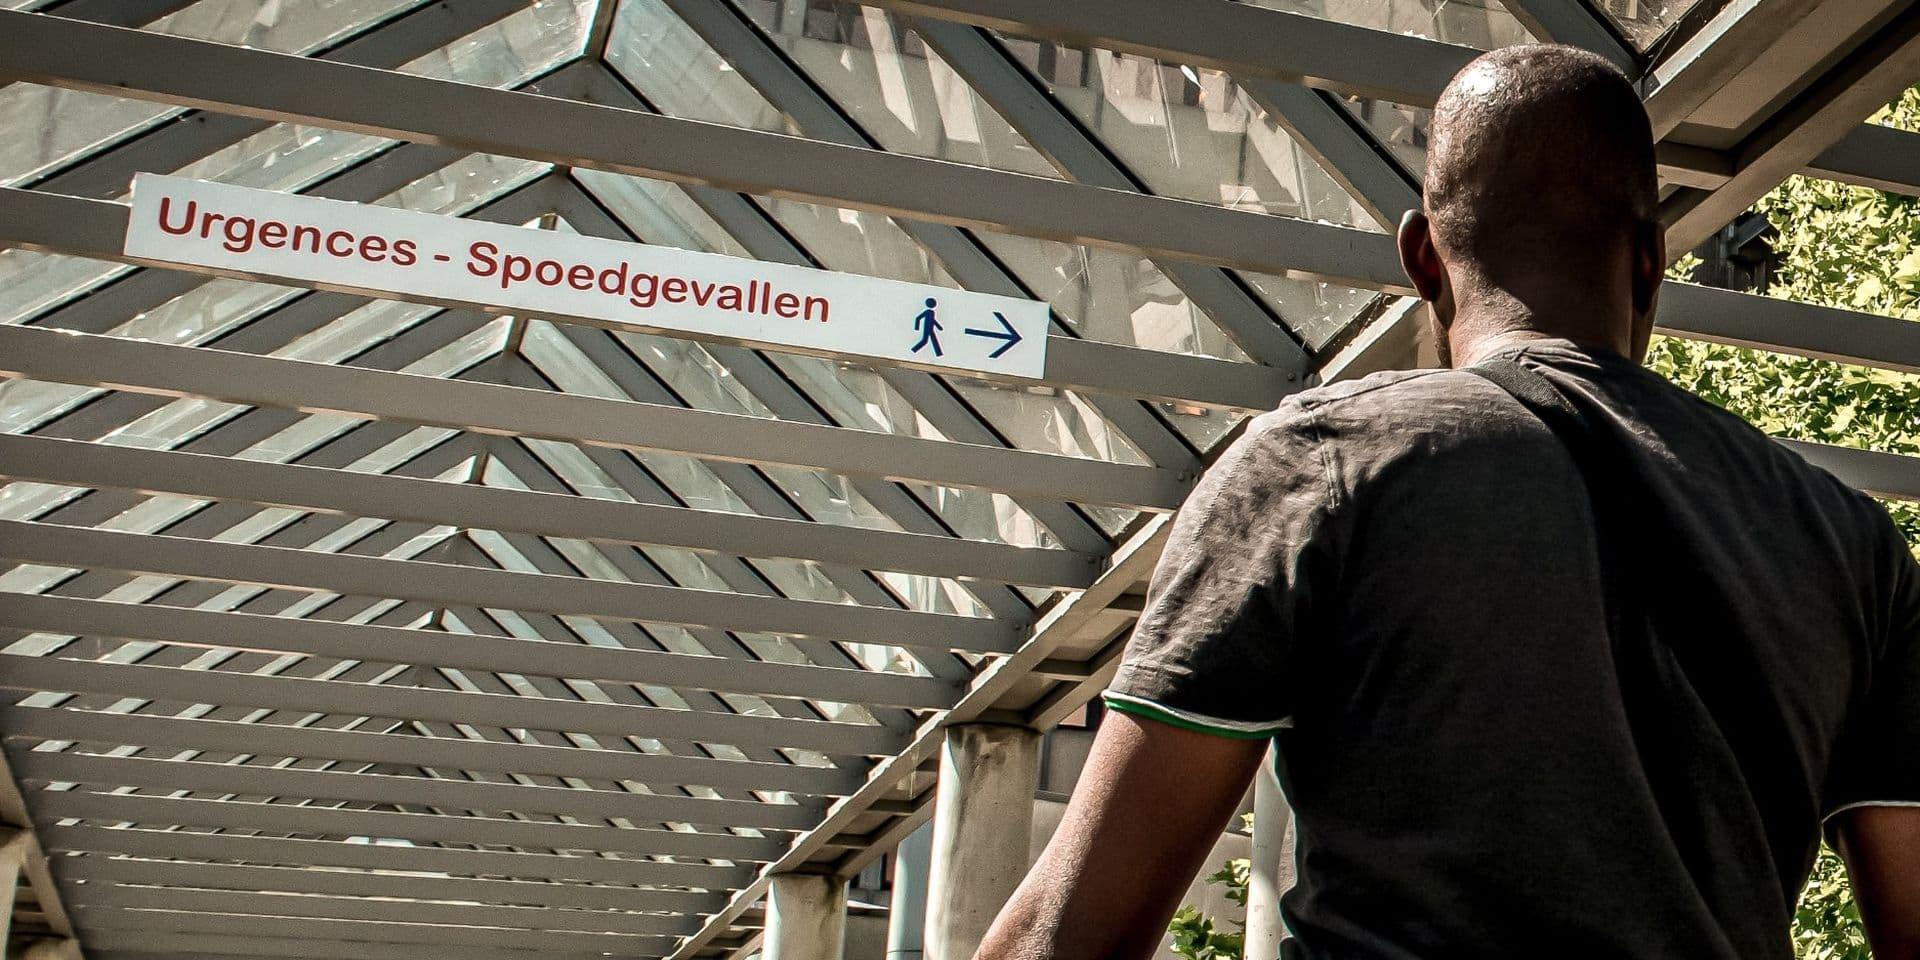 Coronavirus en Belgique: 243 nouveaux cas, un total de 1486 personnes infectées, 4 nouveaux décès